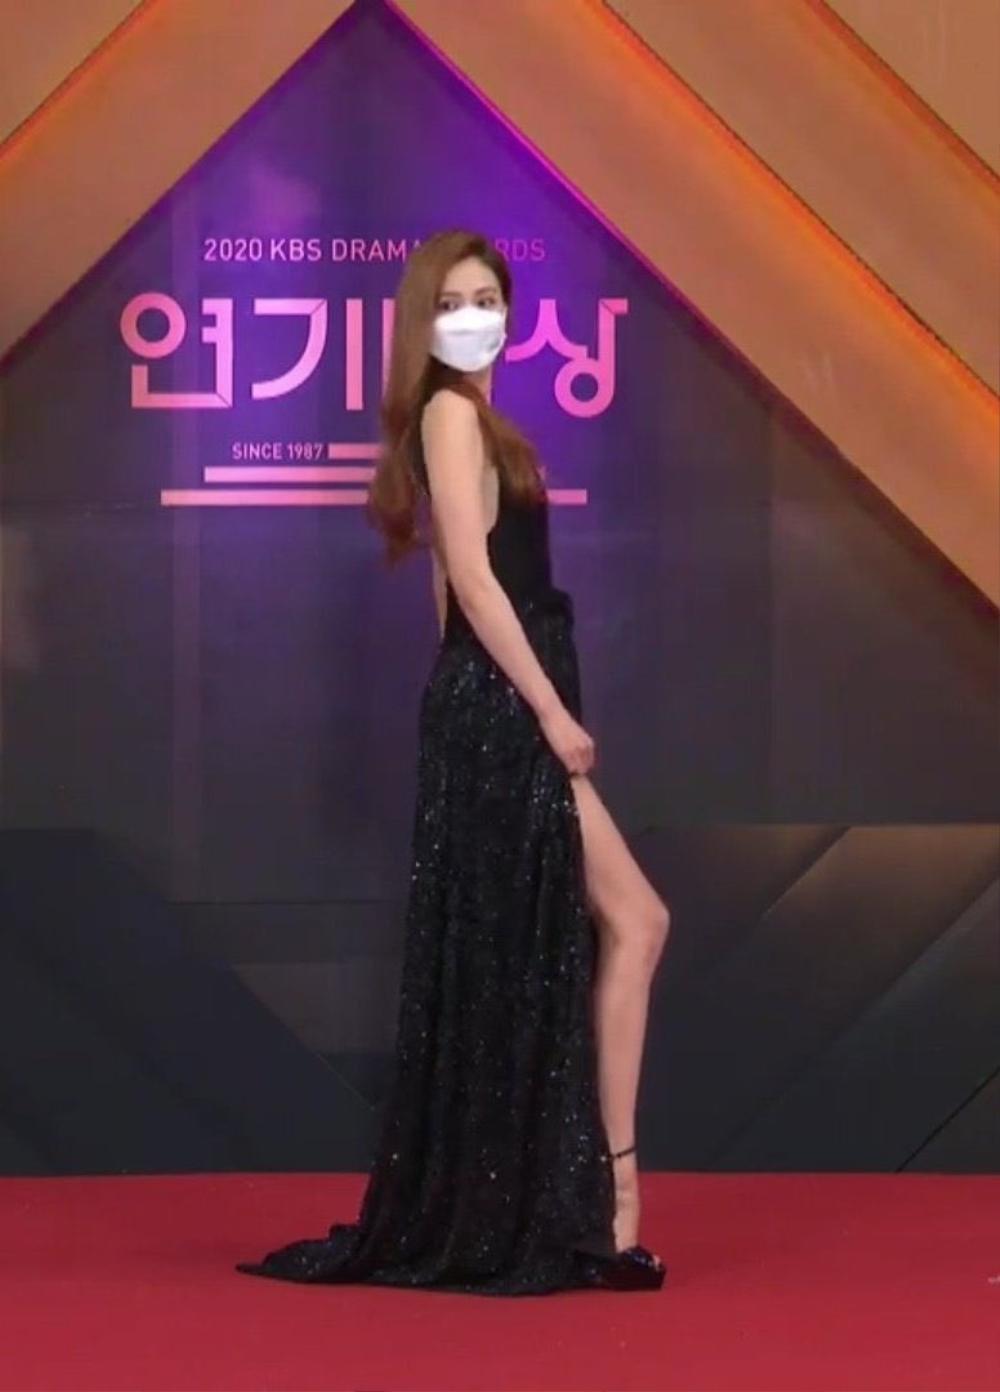 Thảm đỏ 'KBS Drama Awards 2020': Nana diện đầm cắt xẻ táo bạo, khoe chân dài miên man Ảnh 12